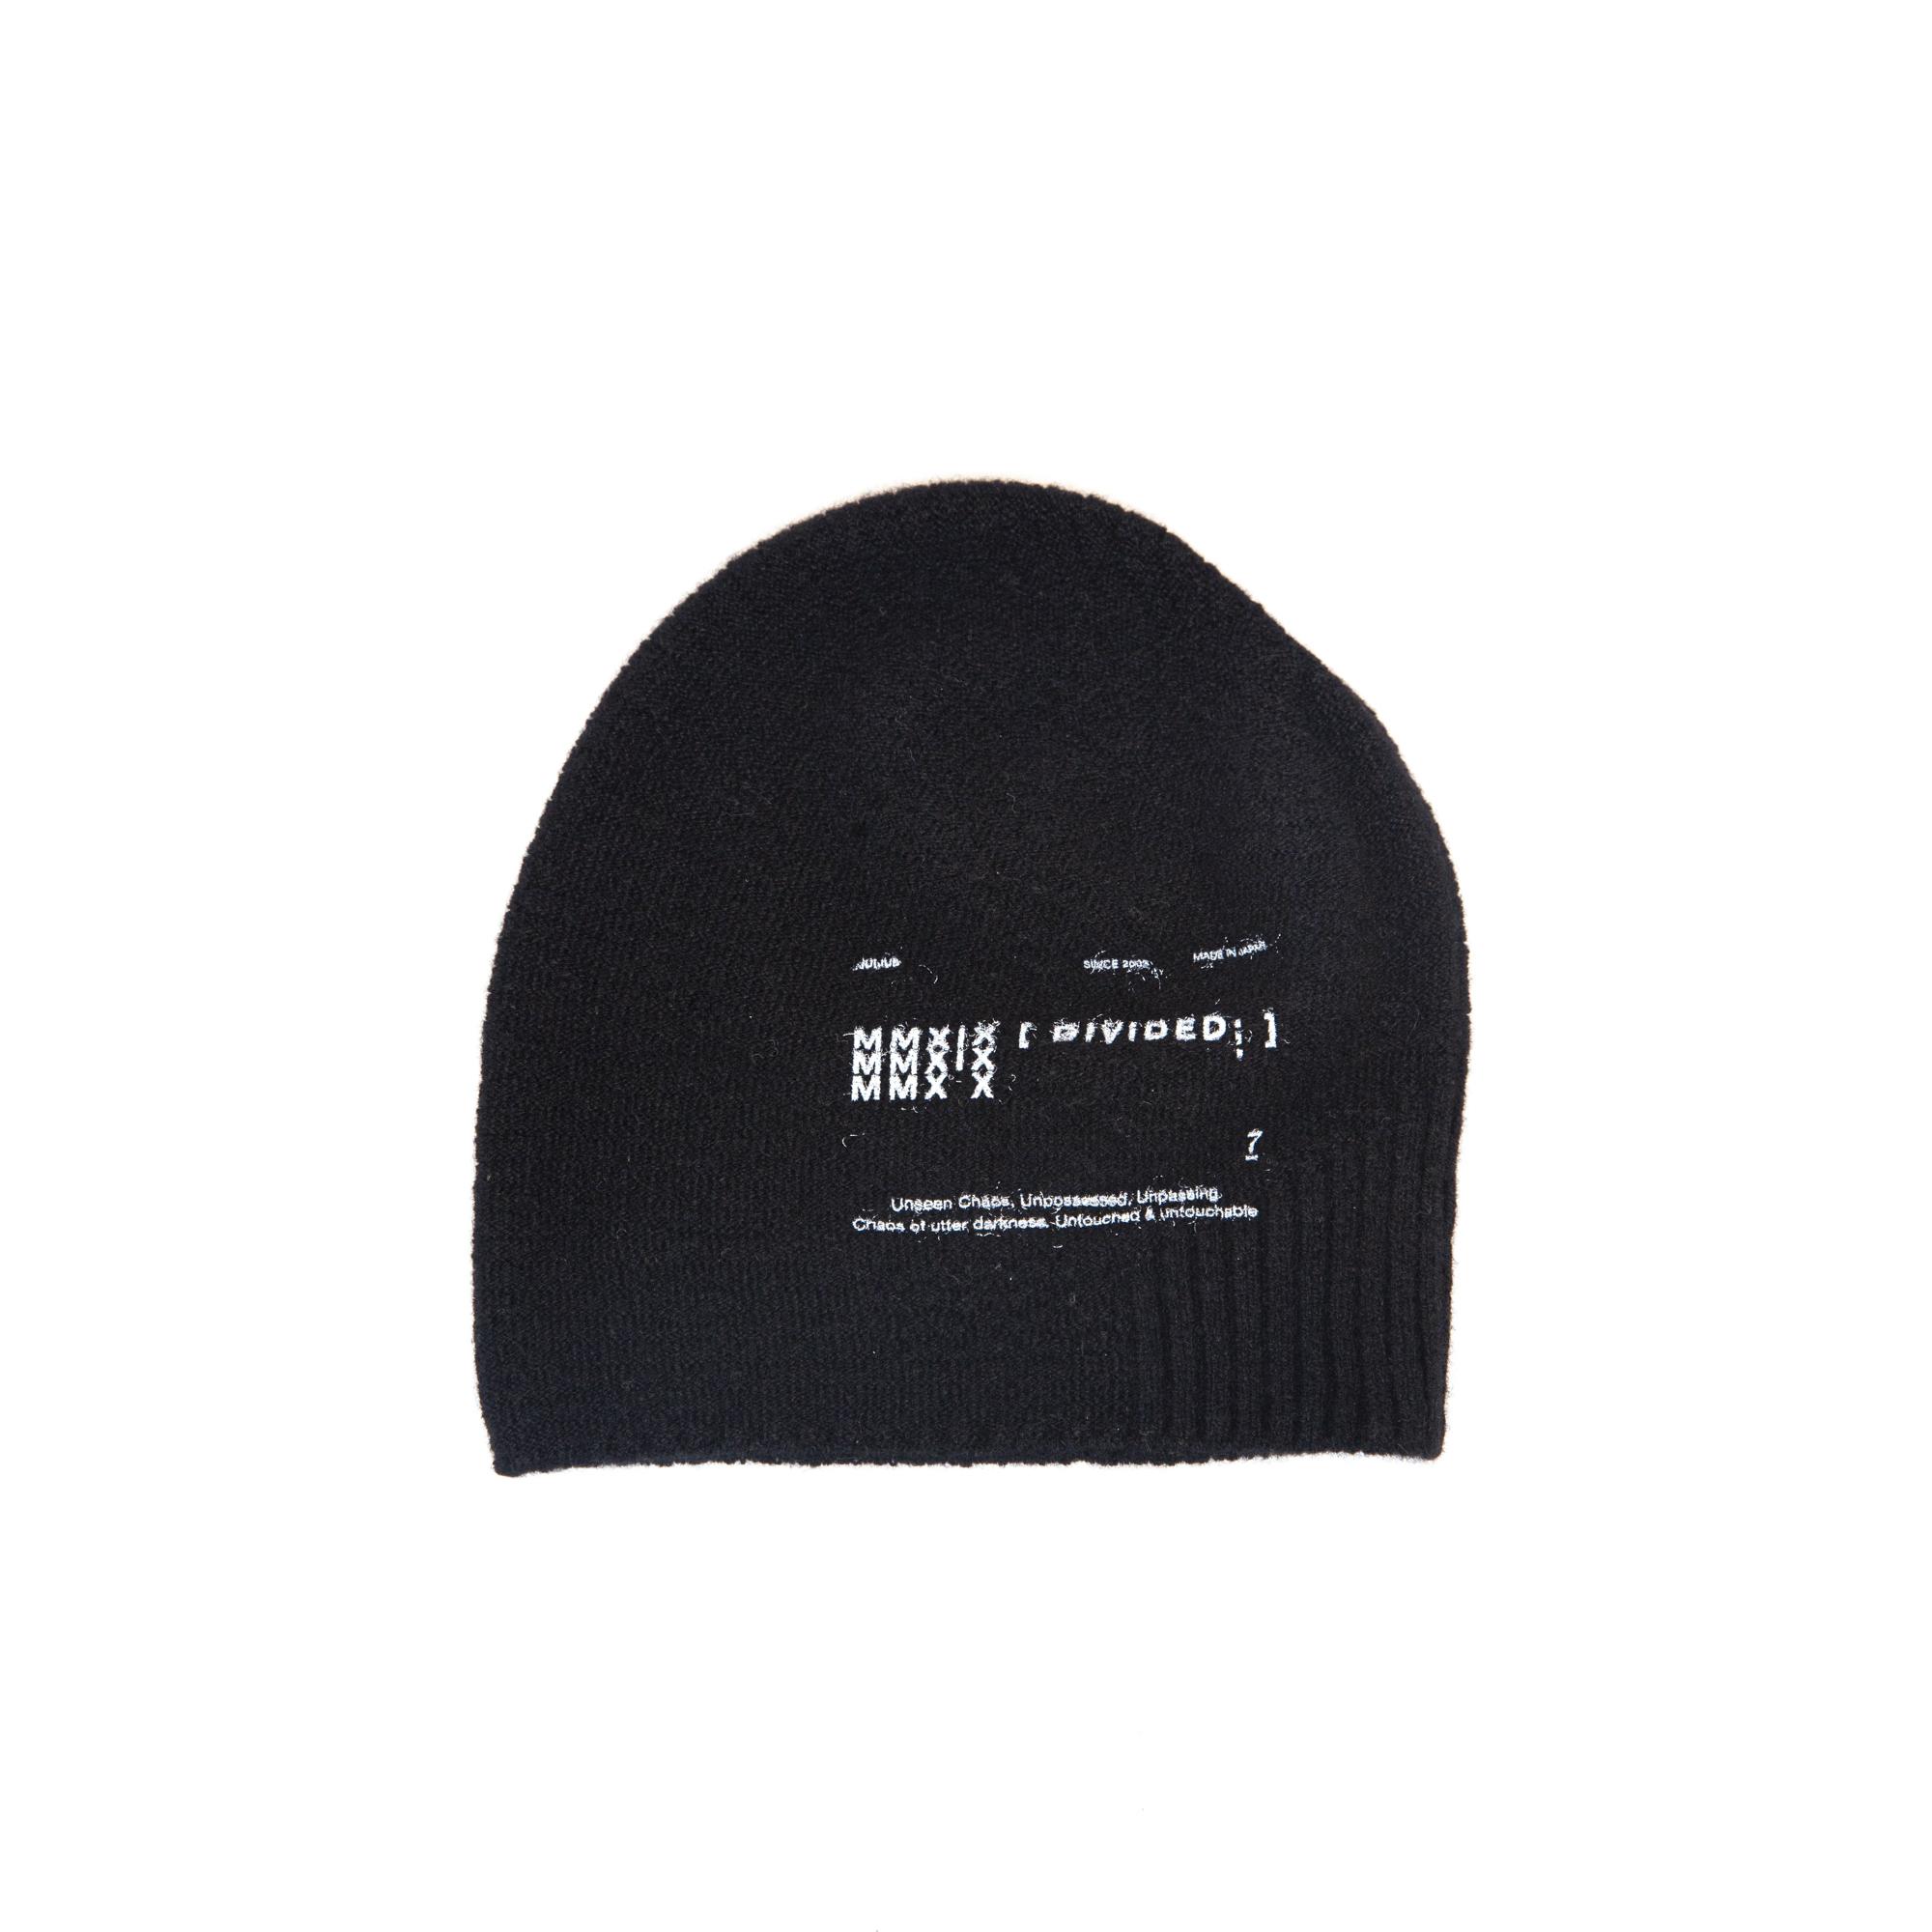 677ACU27-BLACK / ビーニー